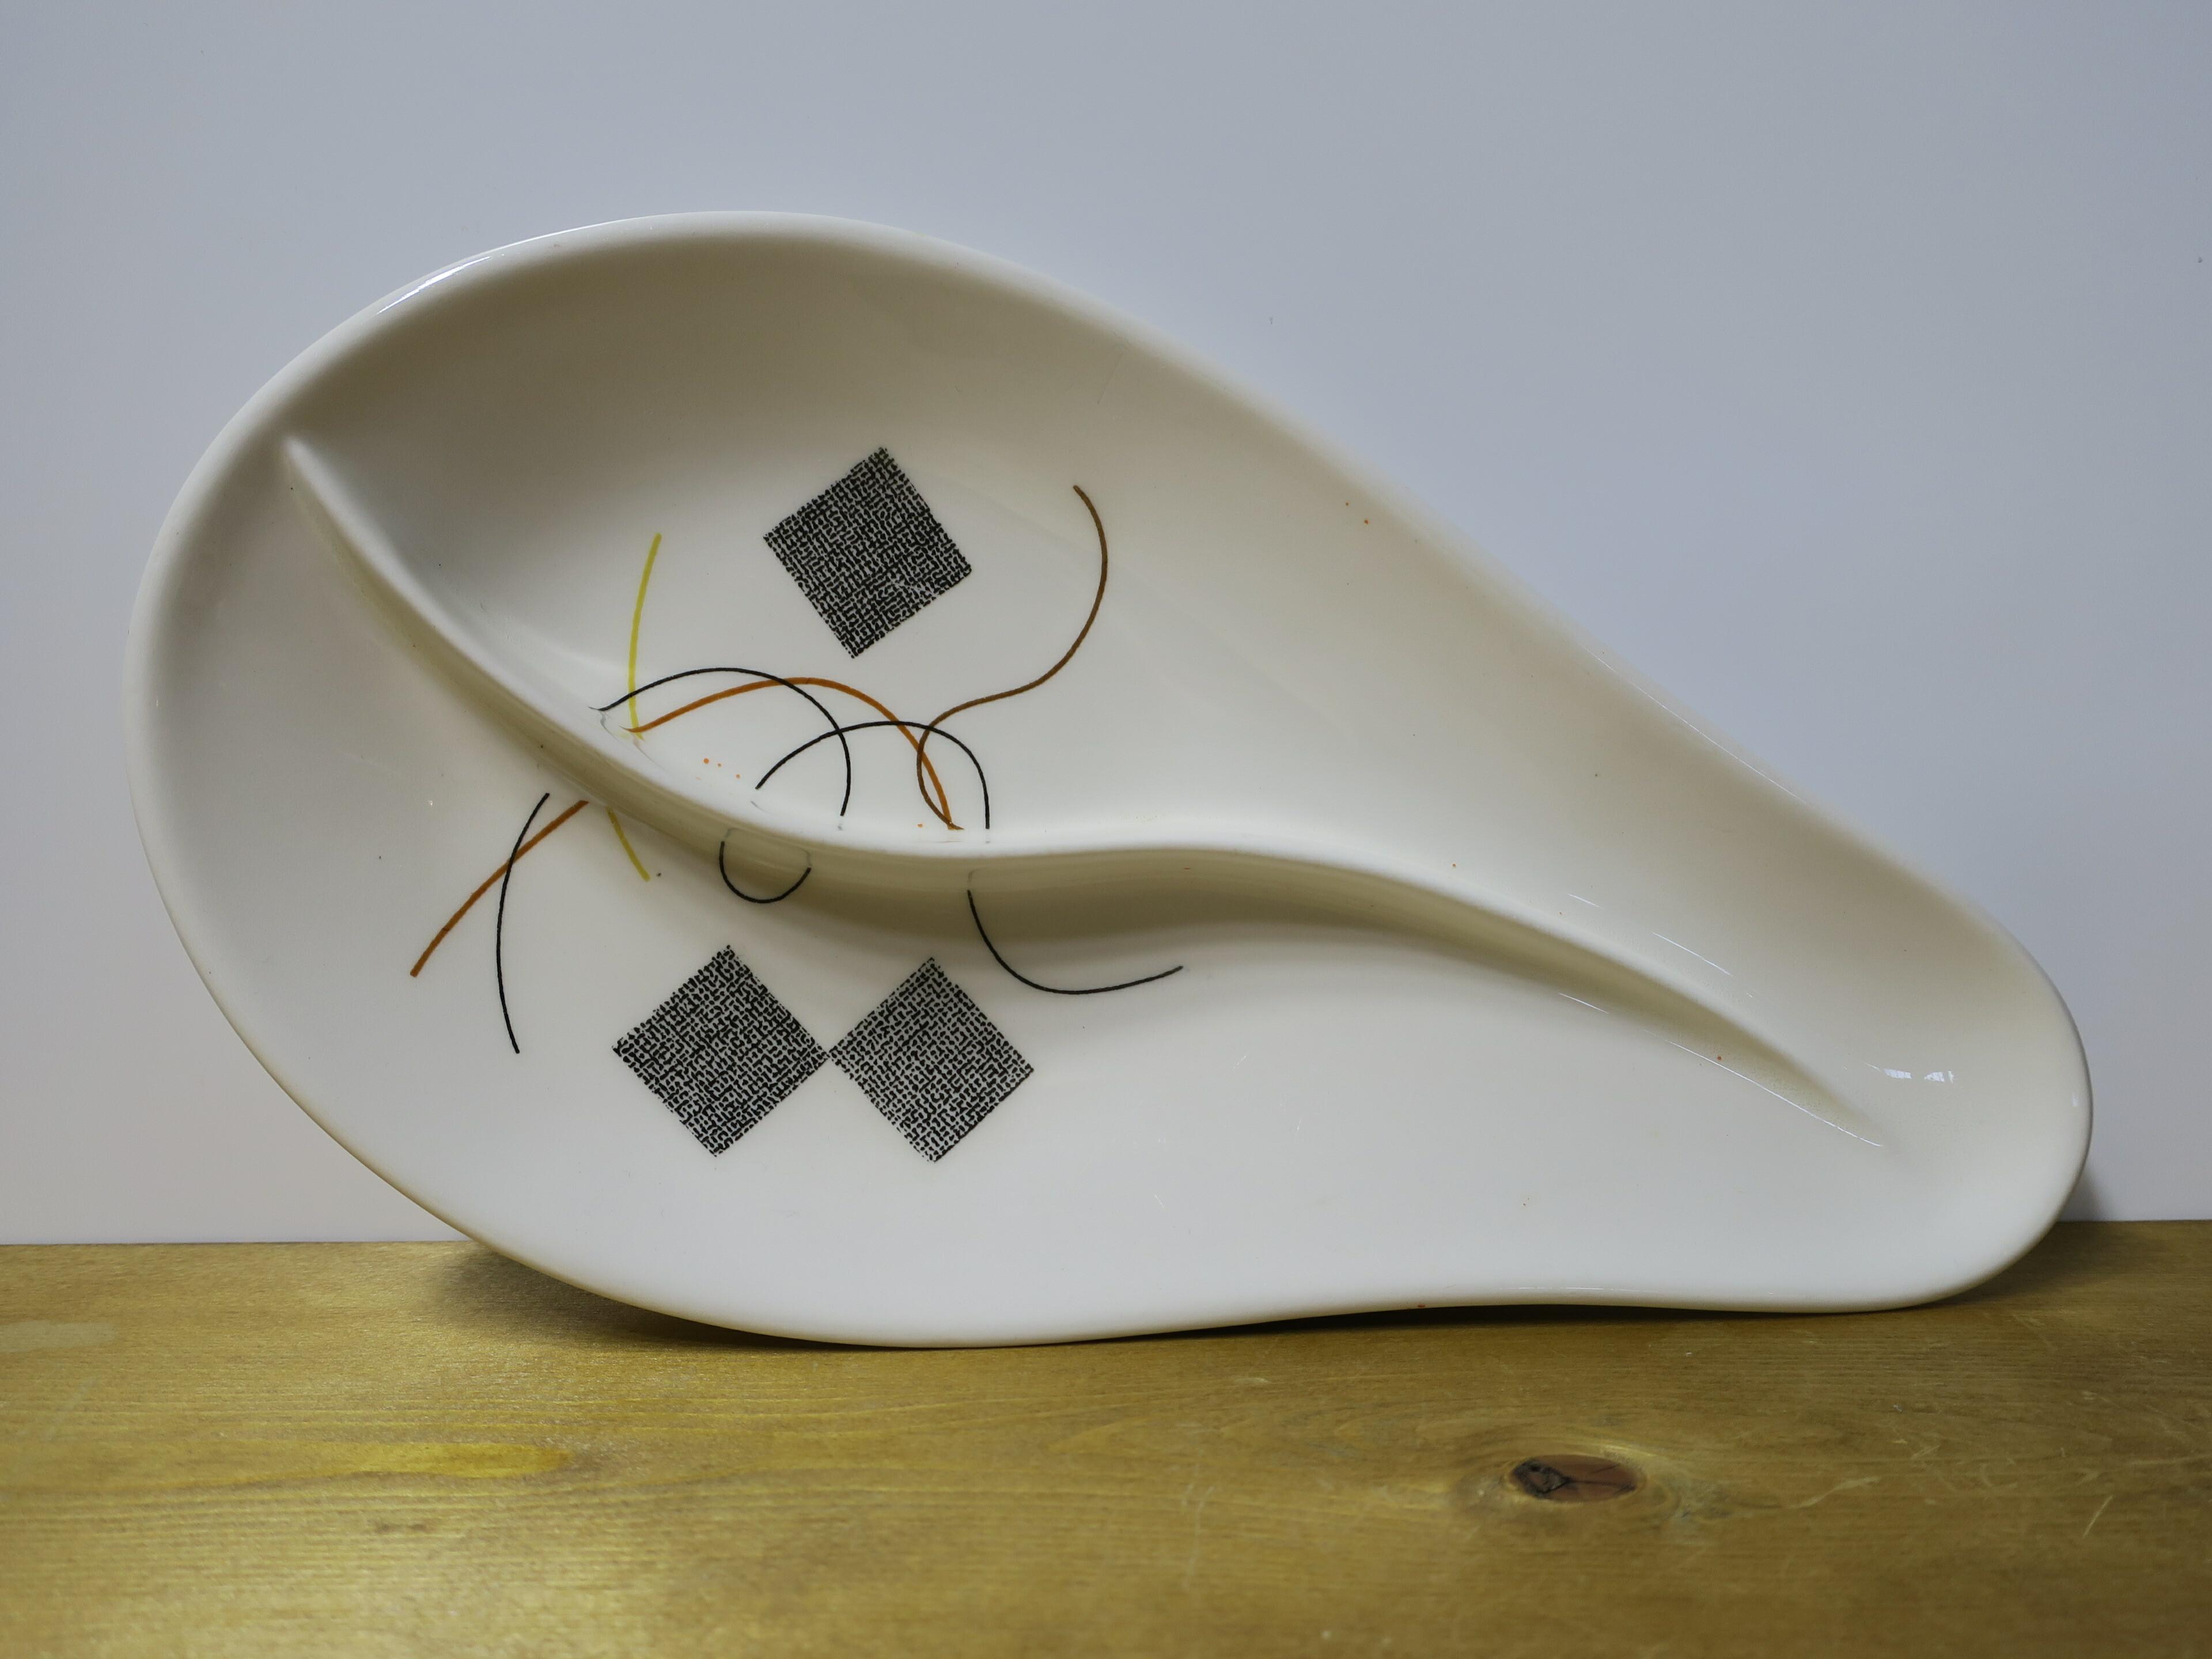 ヴィンテージU.S.A パーテーションプレート(陶器製) 幾何学模様